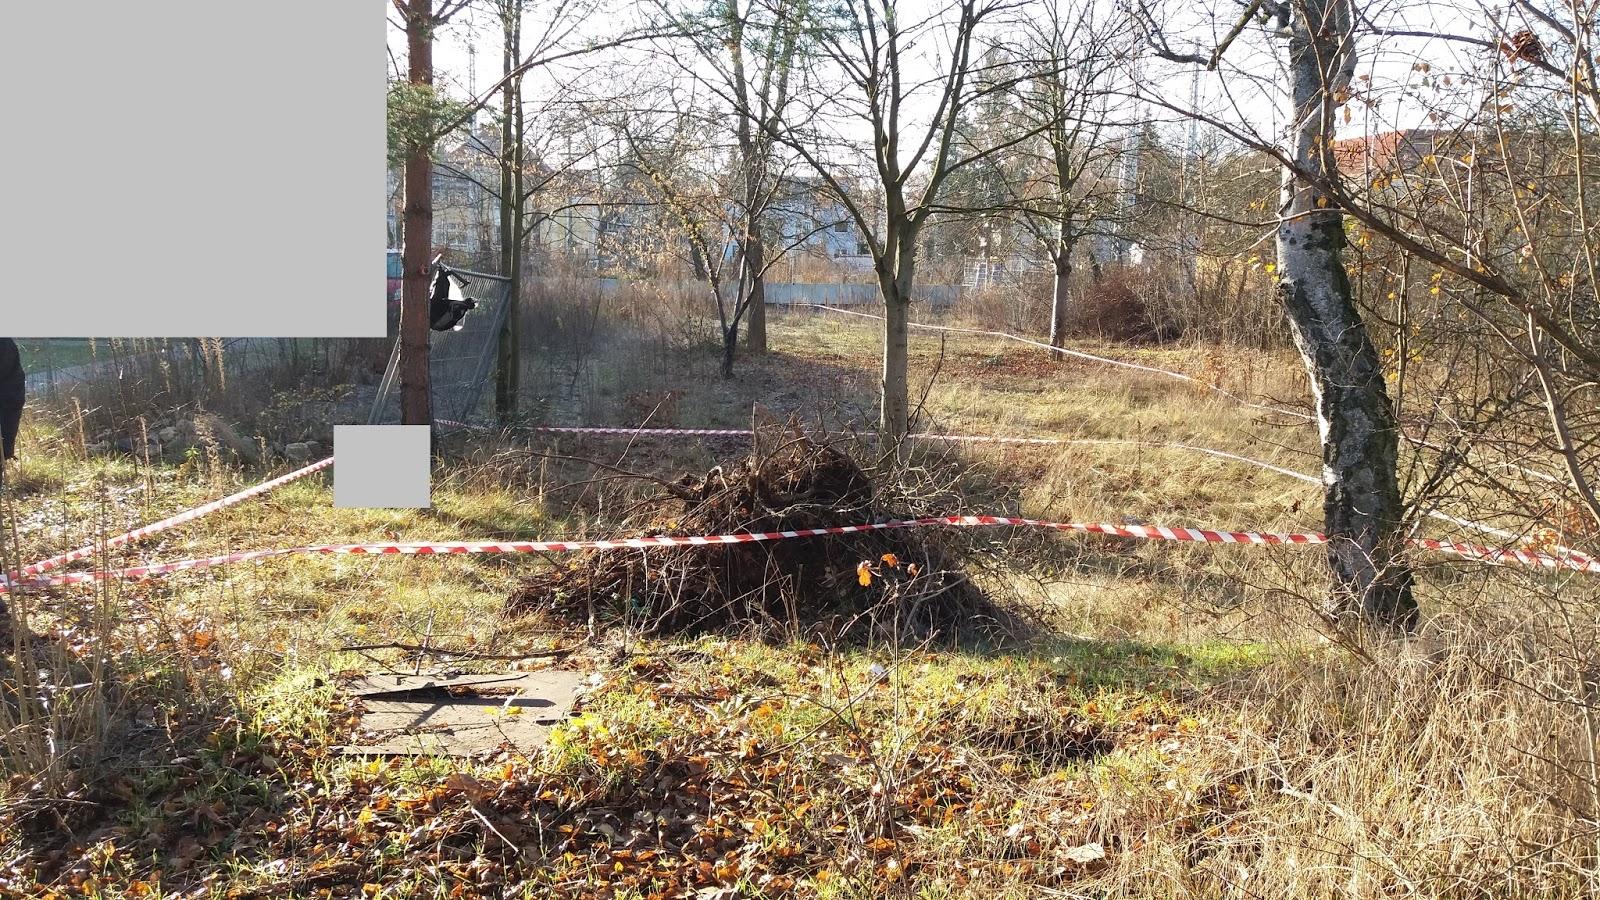 Unsere Stadtvilla In Berlin Grundstucksgrenze Und Haus Abgesteckt